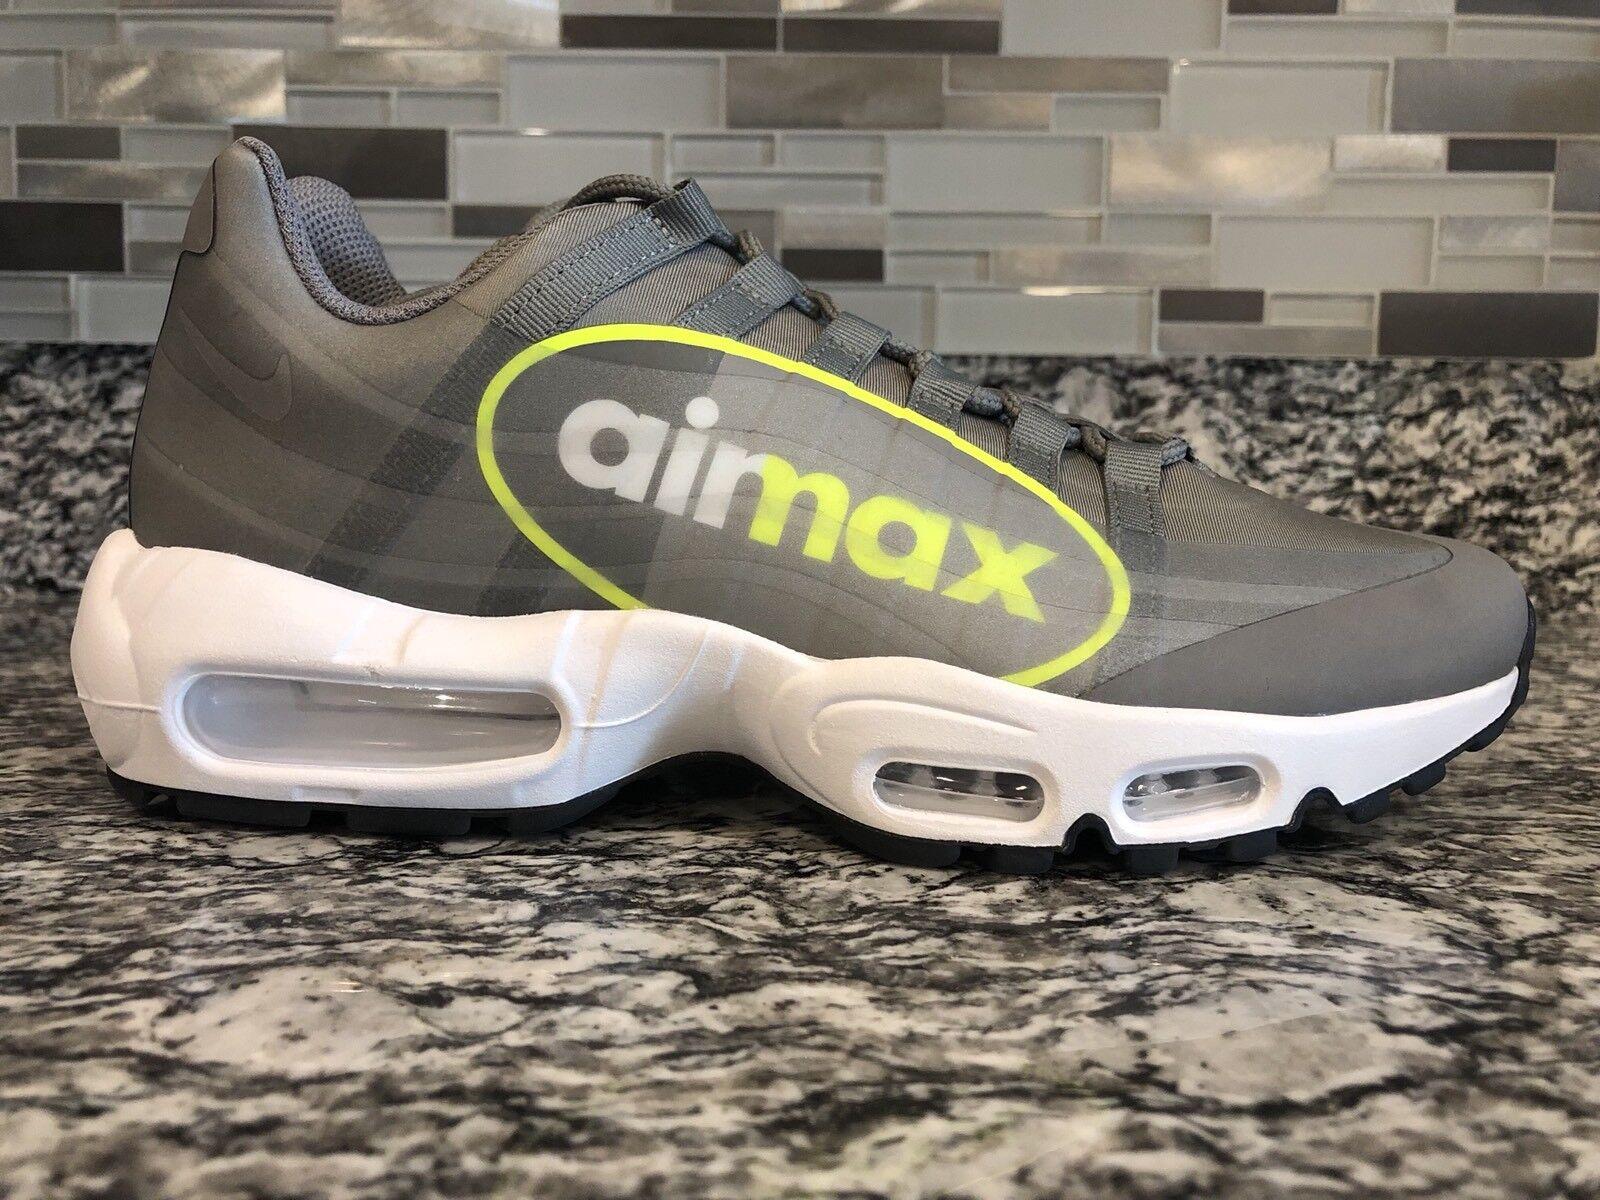 2017 Nike Air Max Max Max 95 NS GPX SZ 8 Big logo Dust Volt Pewter Neon OG AJ7183-001 cafac6